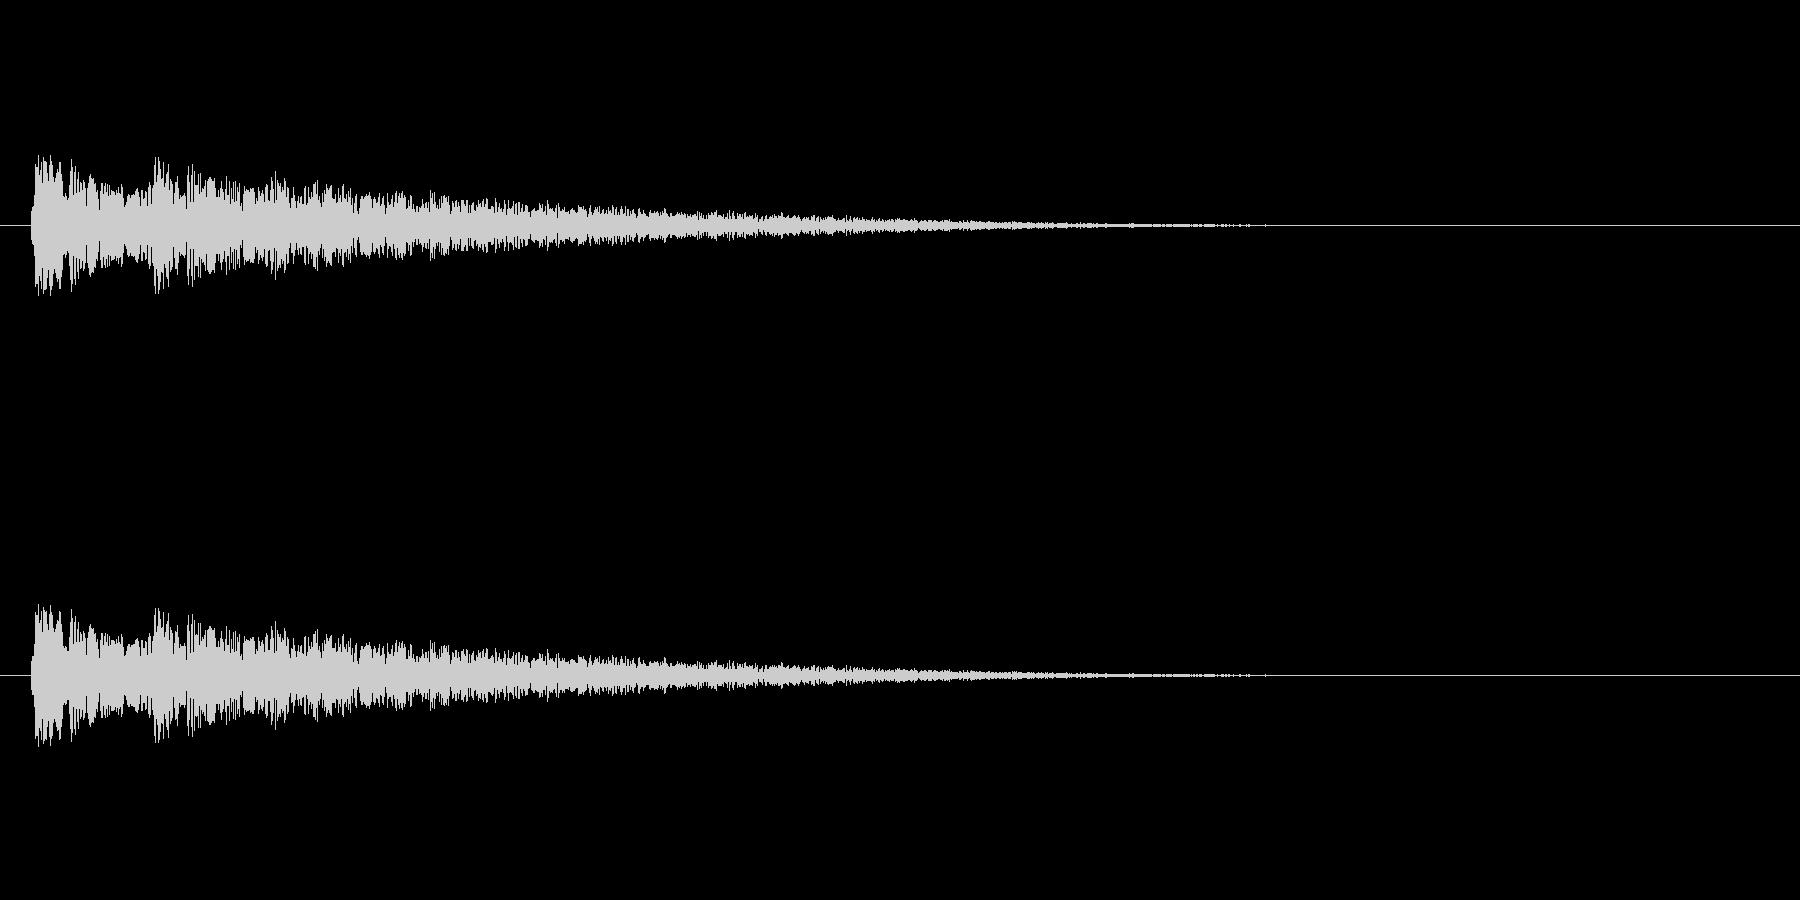 【ネガティブ07-7】の未再生の波形